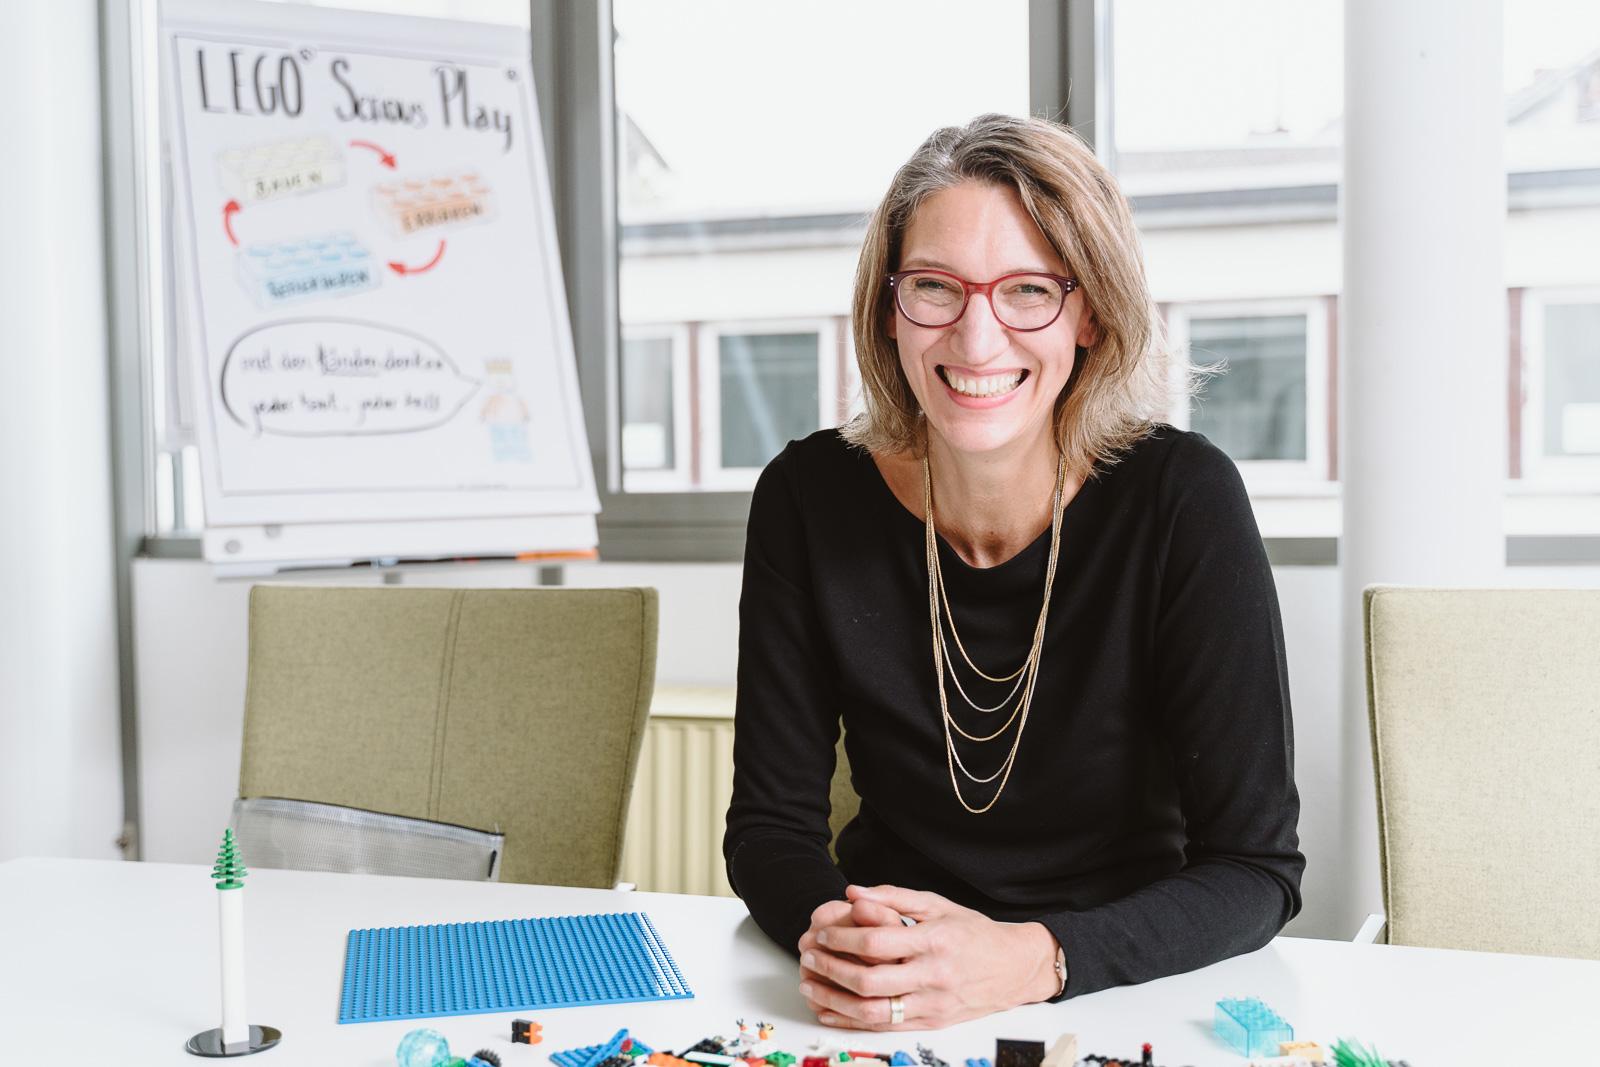 Frau lacht herzhaft - natürliche Businessporträts Fotograf Bonn